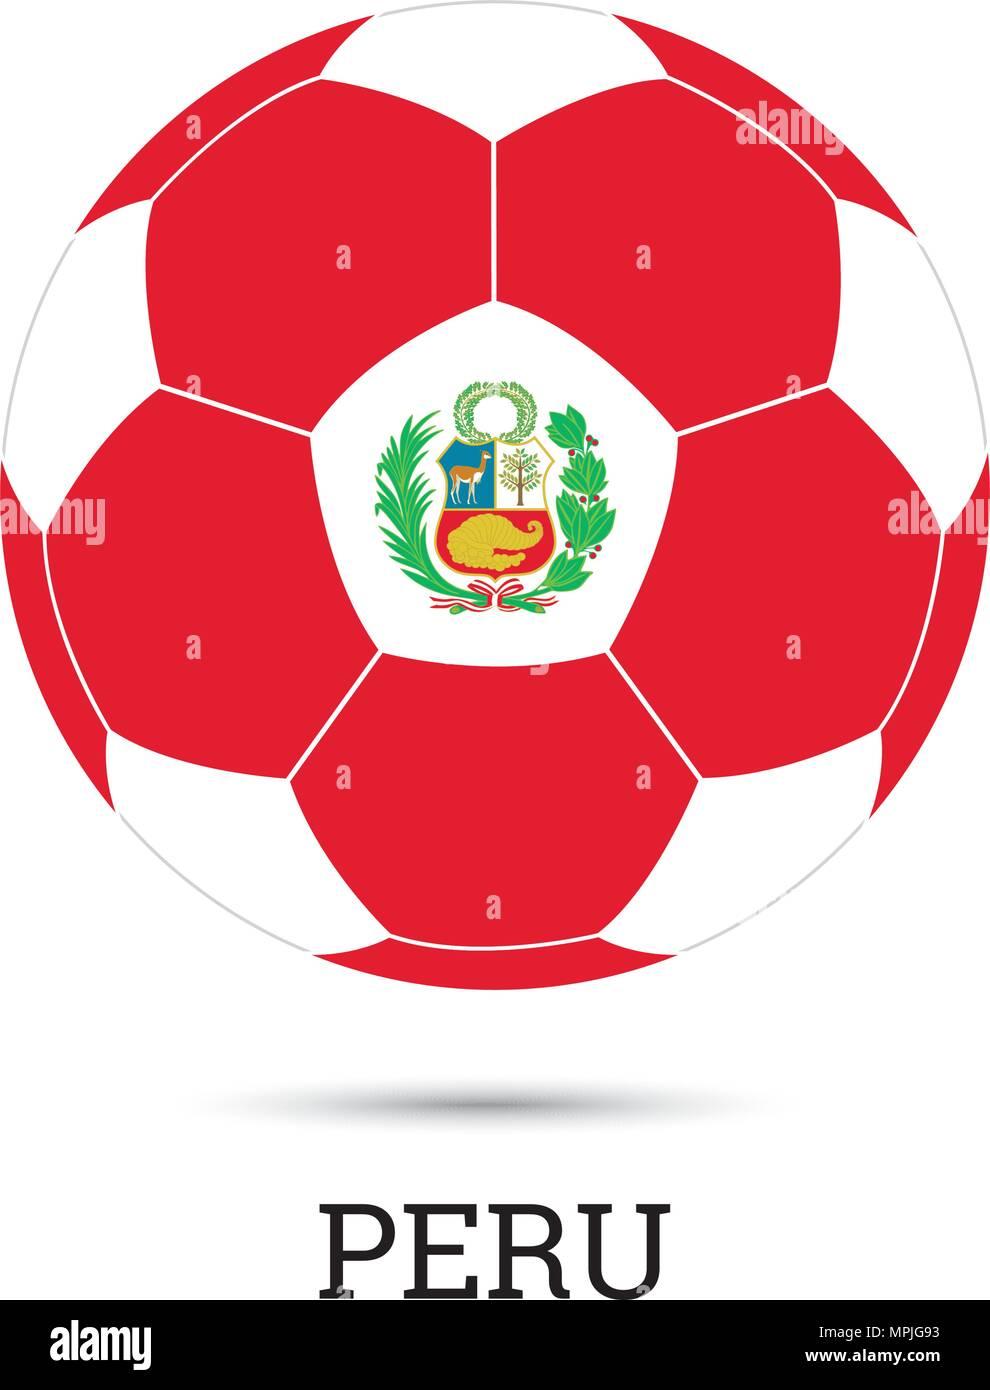 Balón de fútbol con los colores y el emblema nacional peruana ilustración  vectorial Imagen De Stock 21ee177746baf